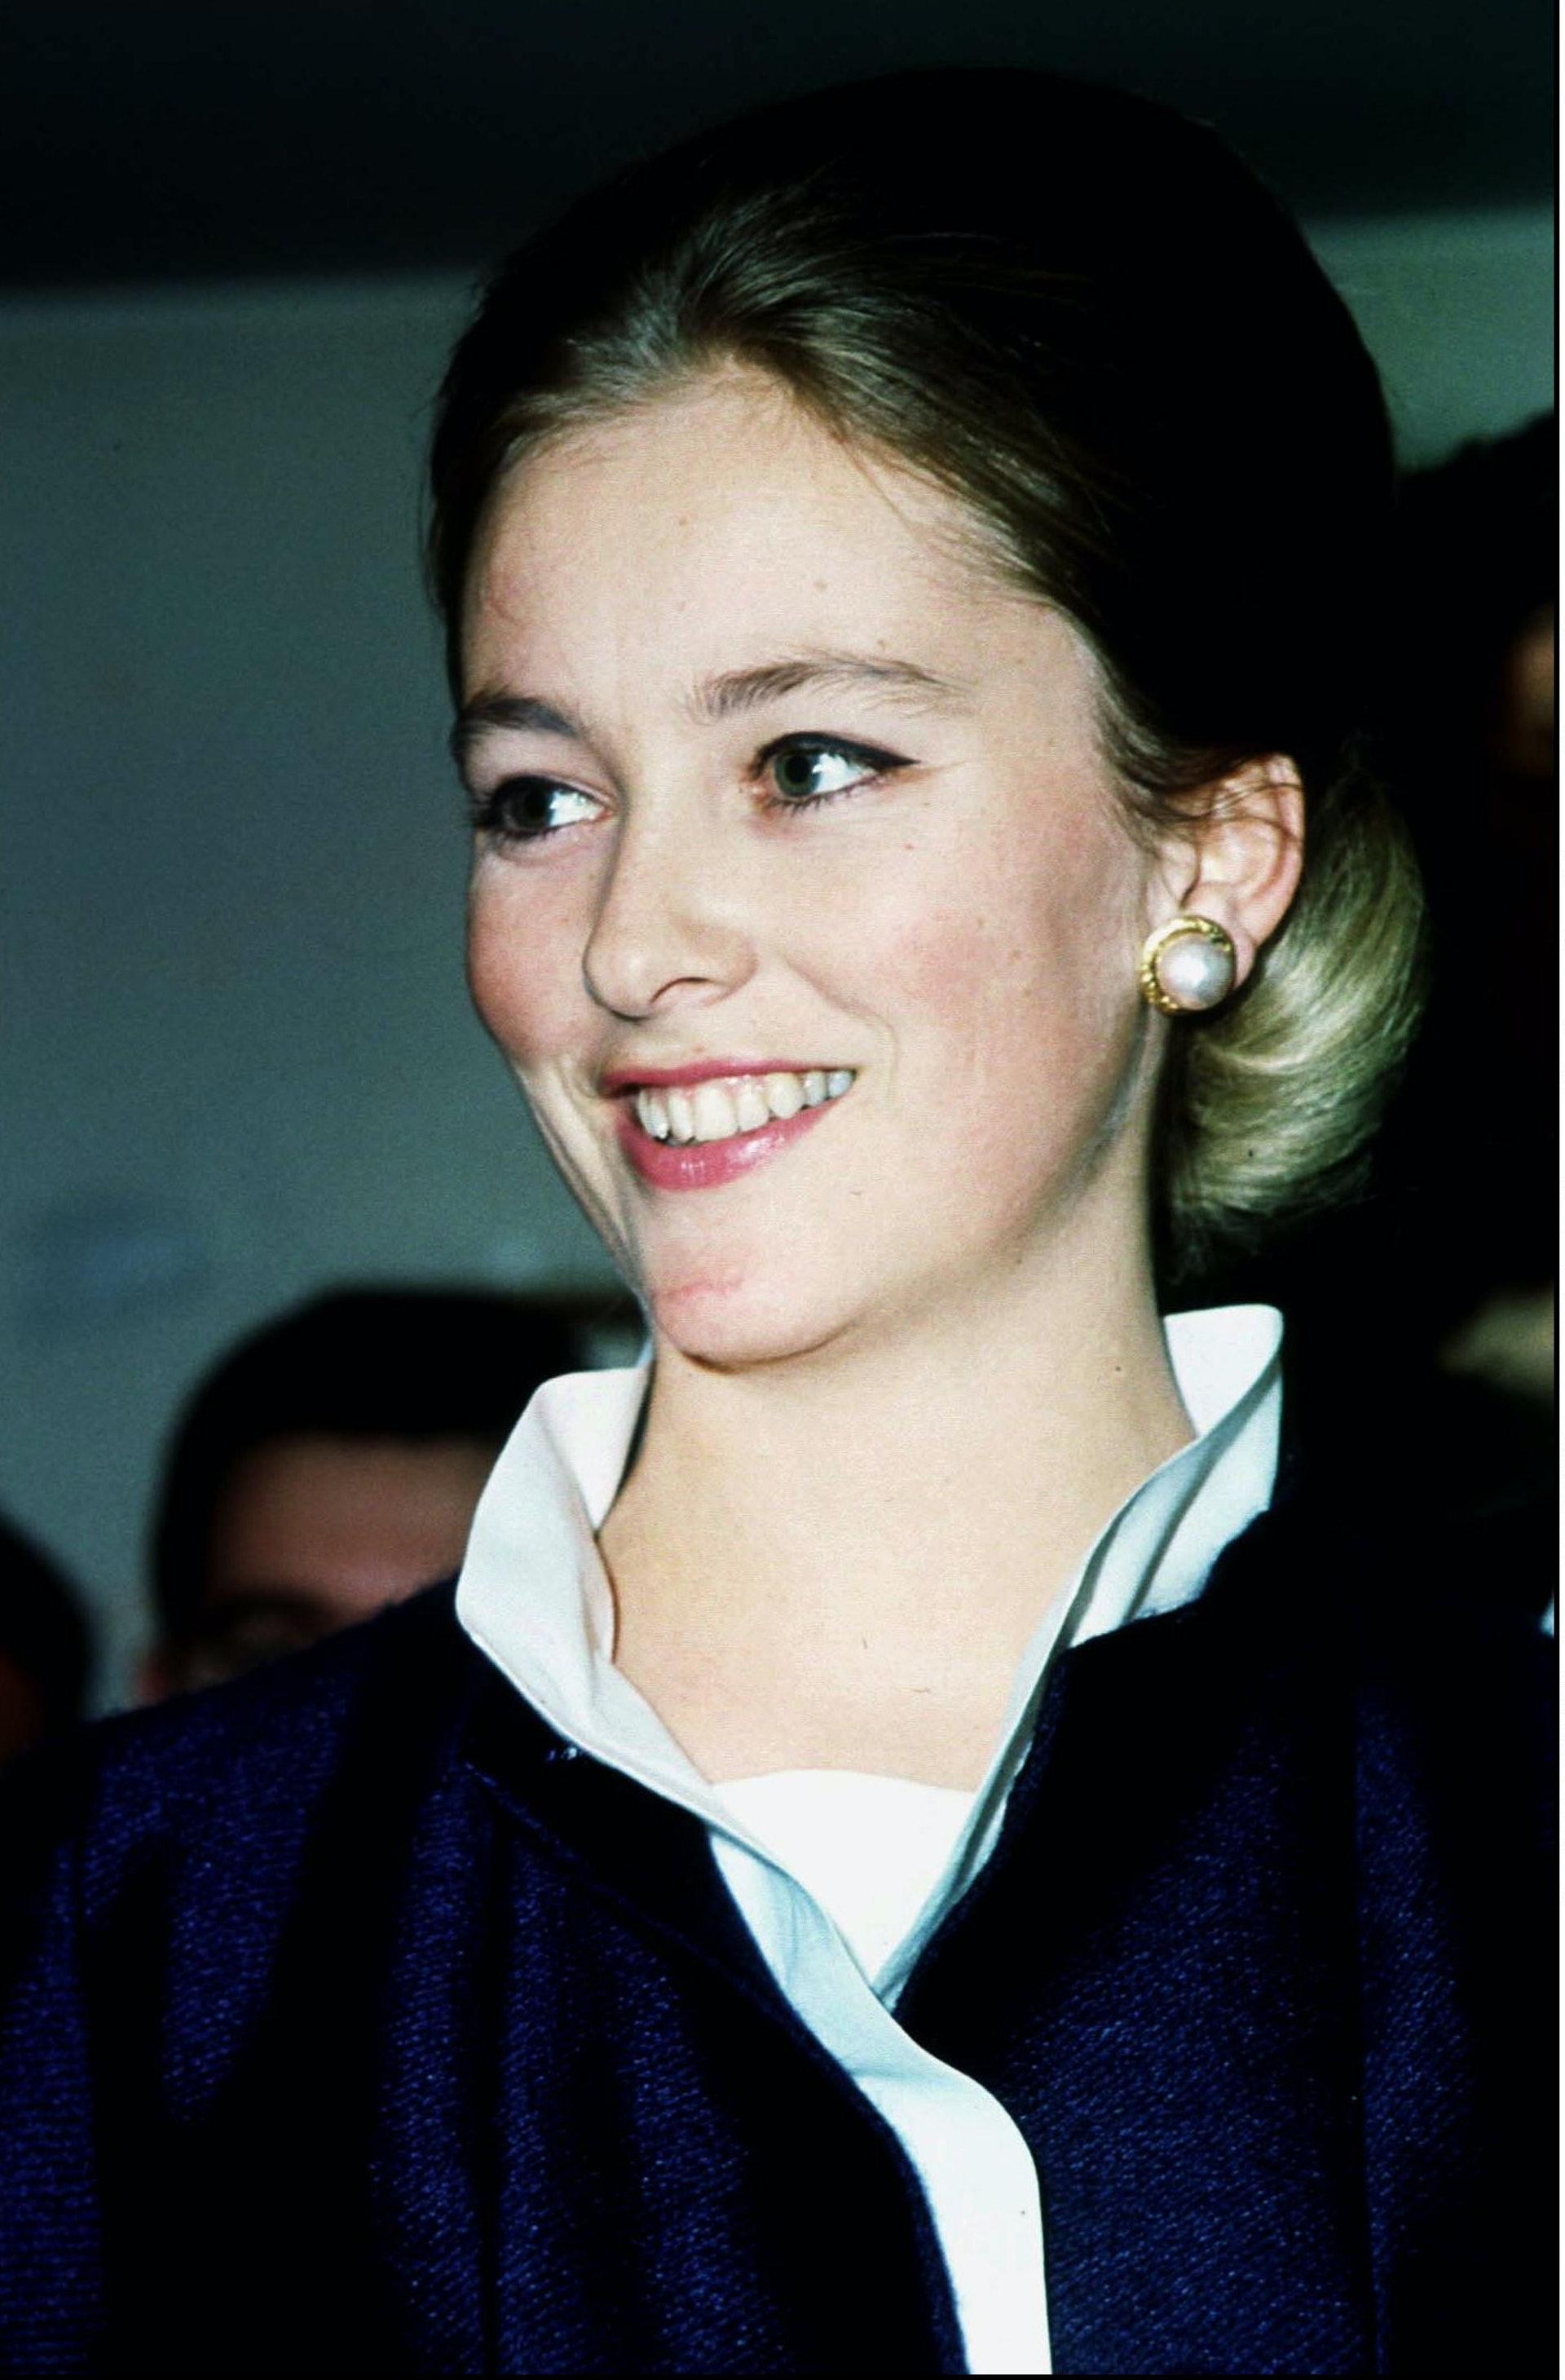 「在六、七十年代的欧洲,她十分有名,因为她太漂亮了,好比Grace Kelly,她到哪儿,『狗仔队便跟到哪儿。』」(Getty)